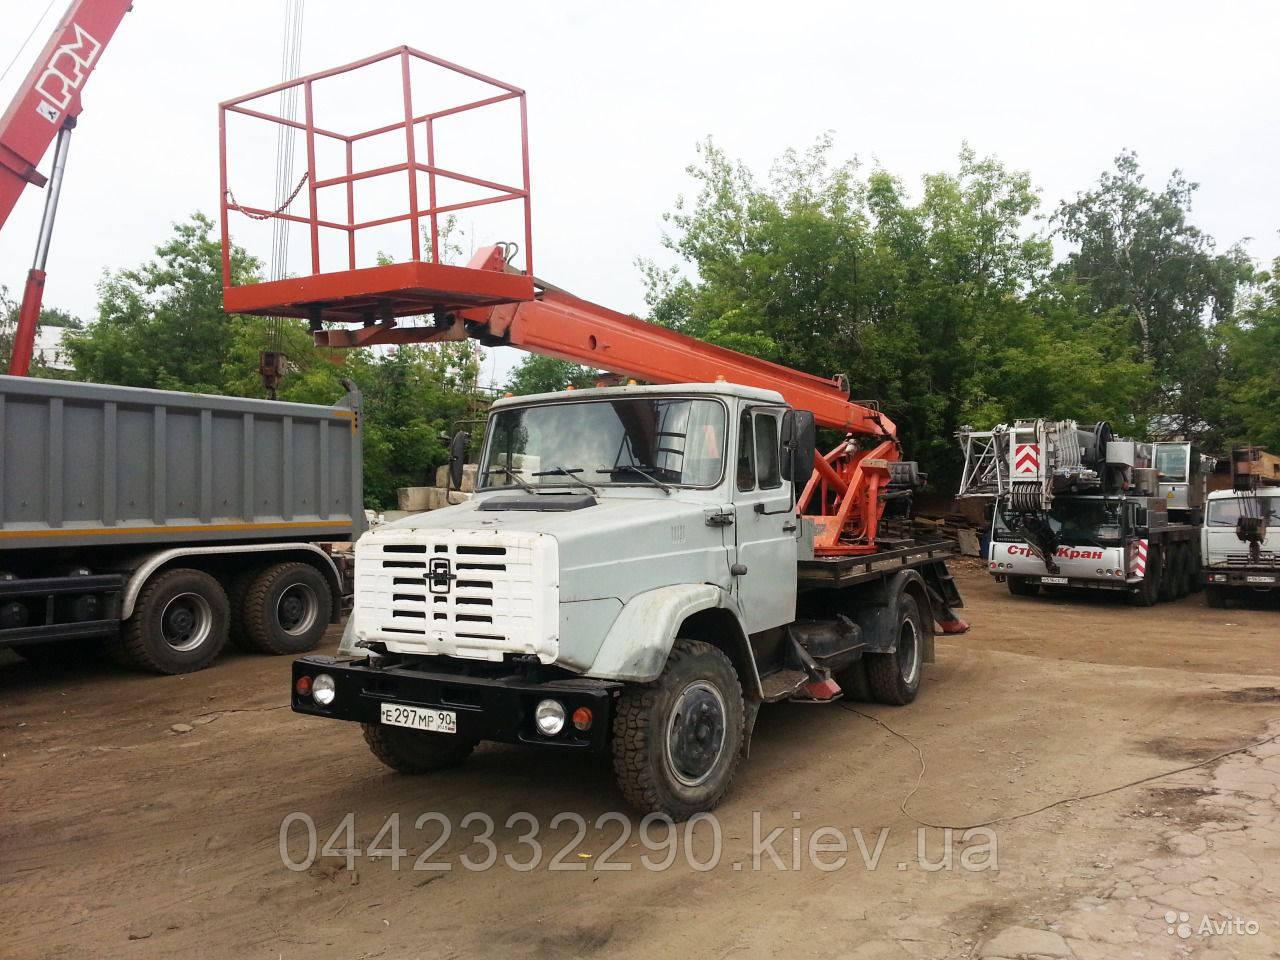 Аренда автовышки в Киеве